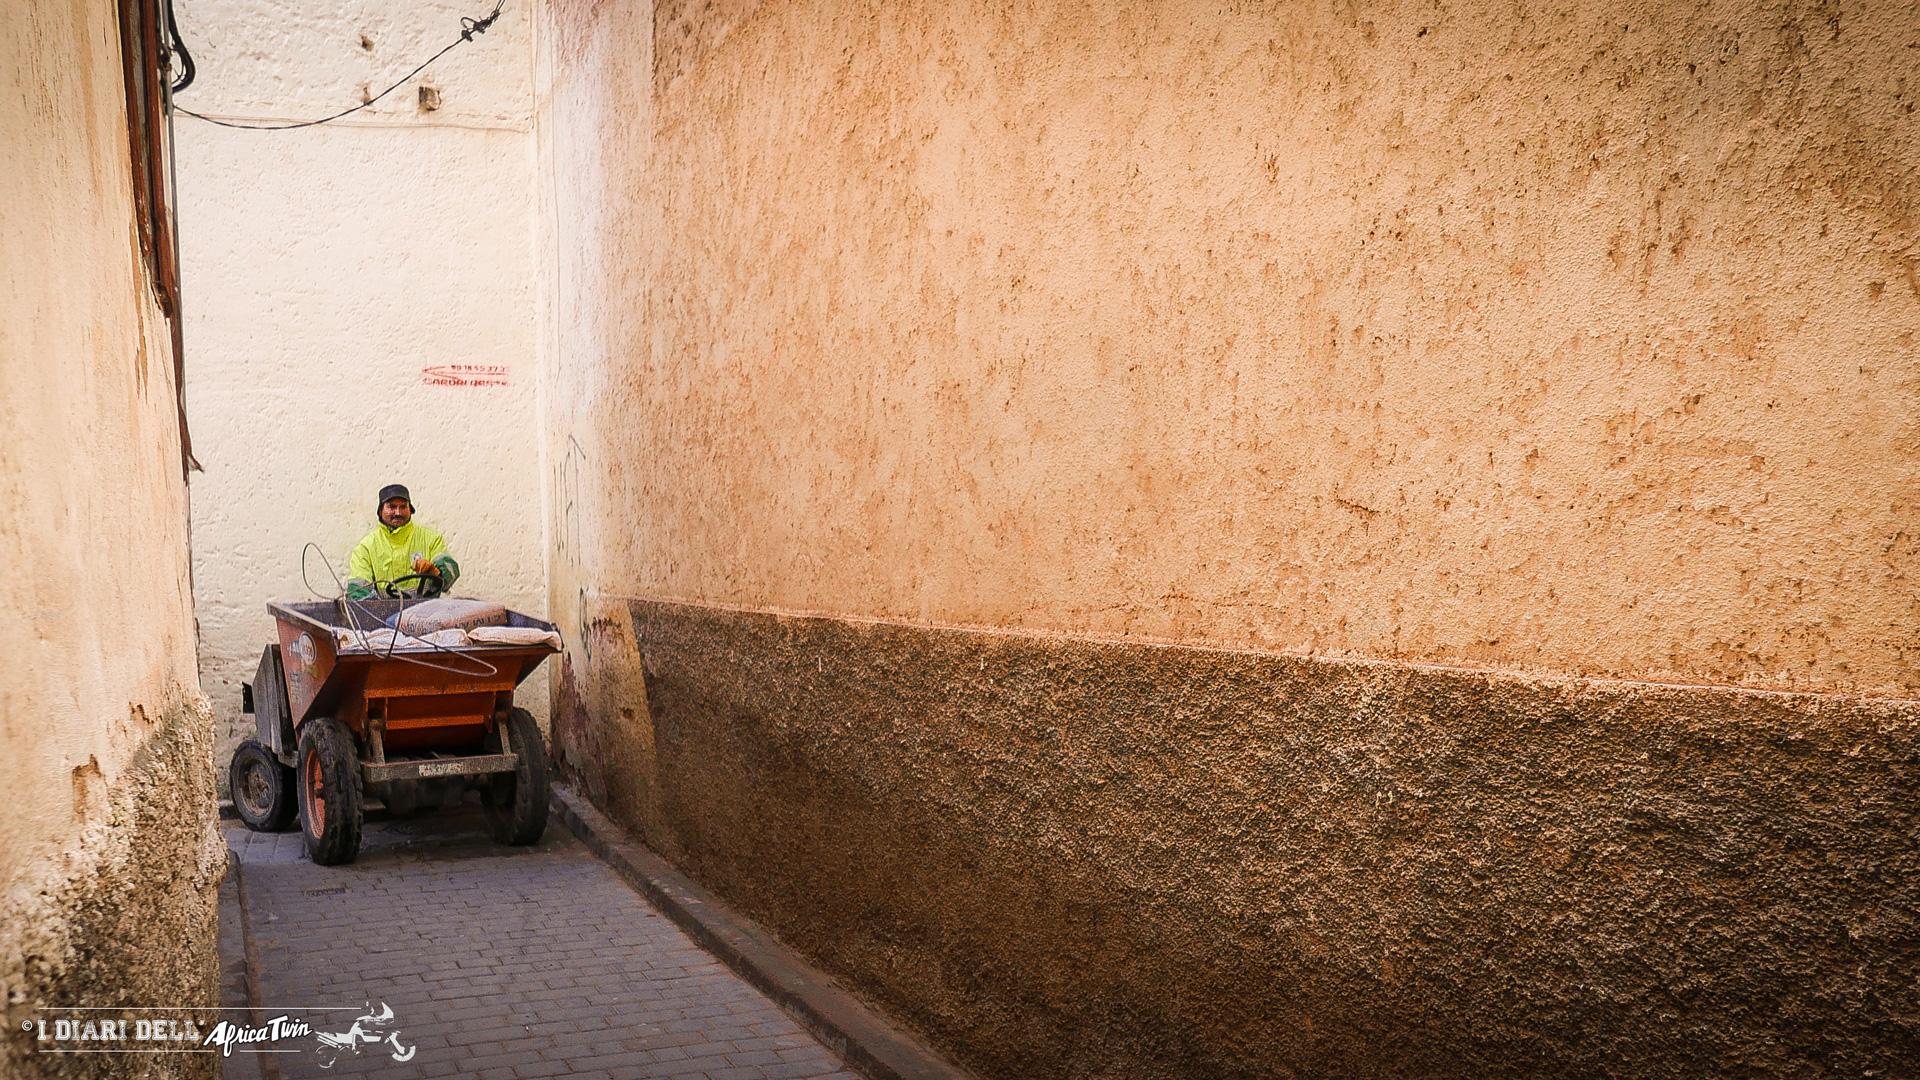 Nettezza urbana per i vicoli di una medina